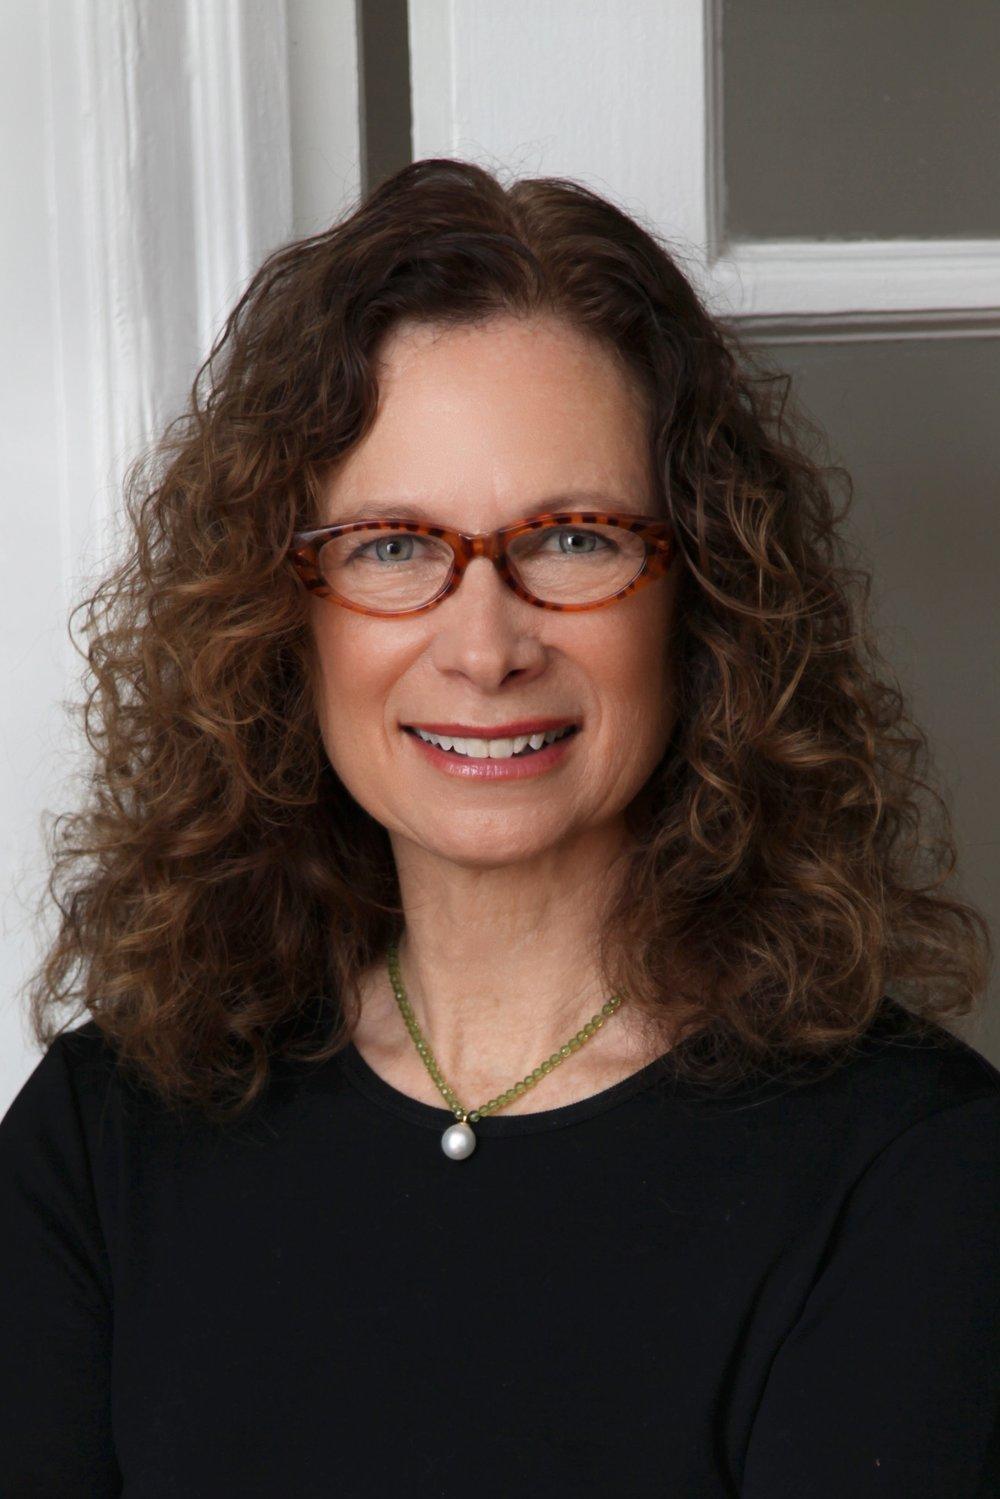 Copy of Dr. Catherine Steiner-Adair